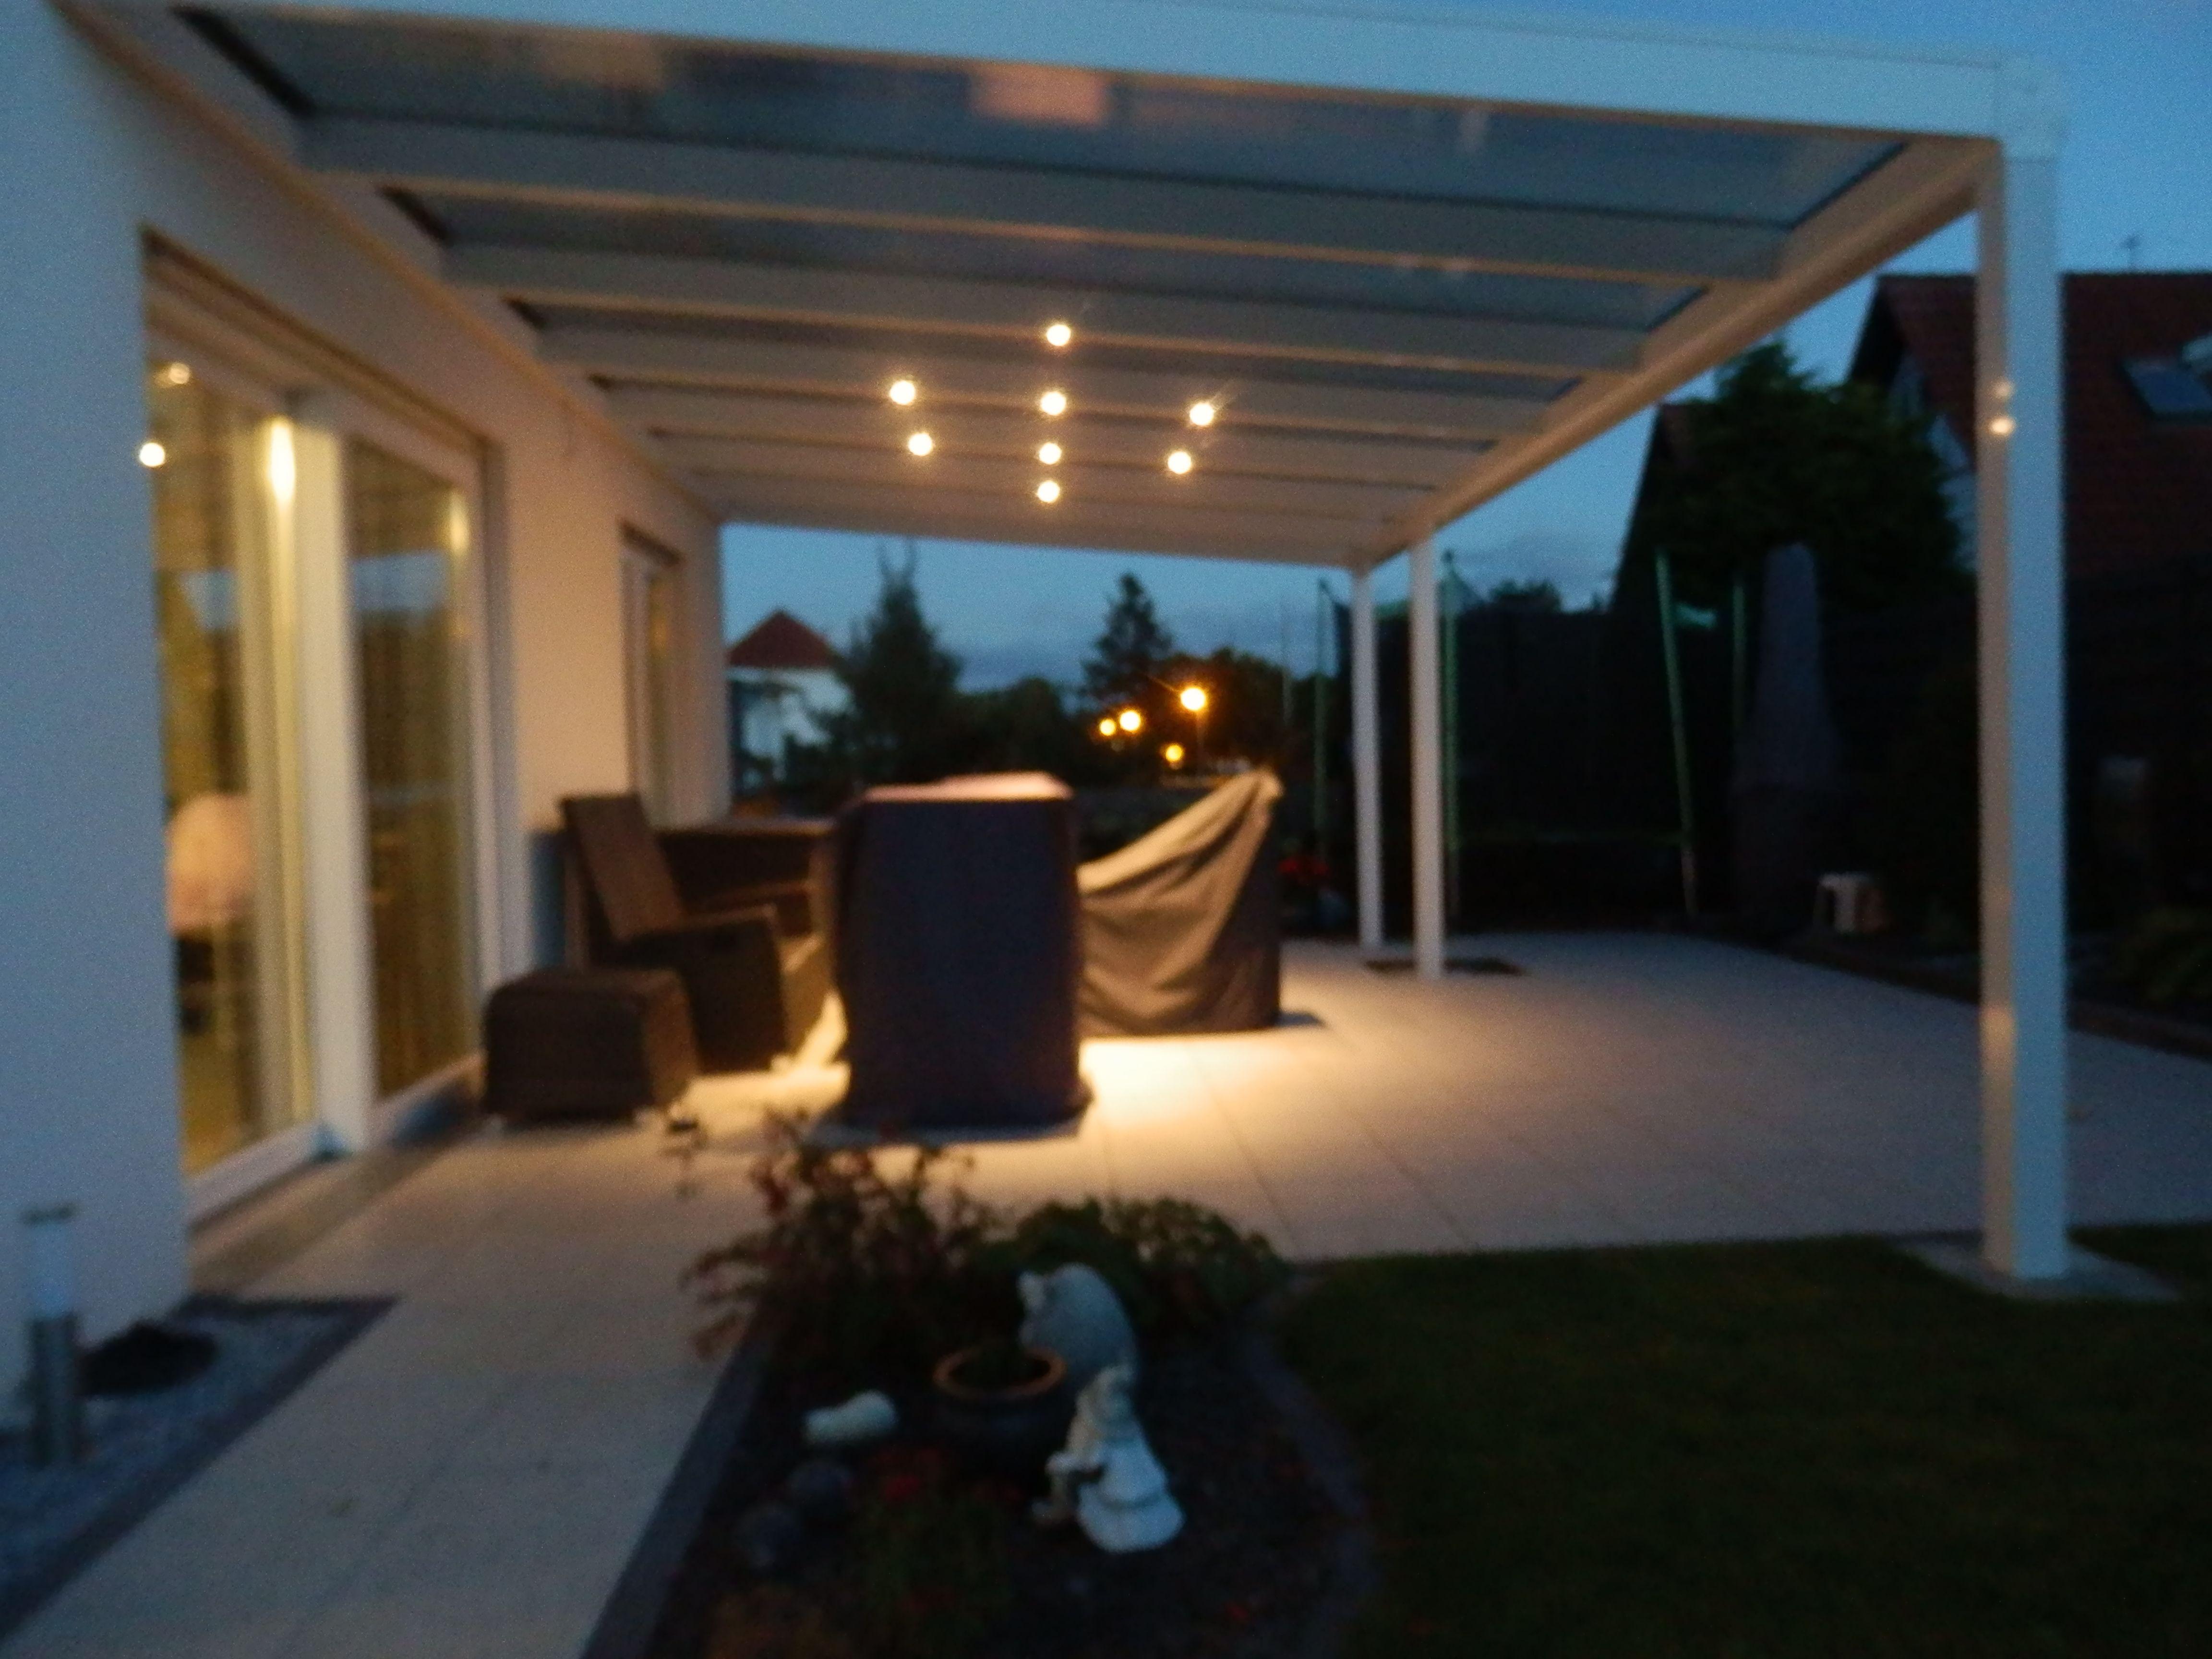 Ein Alu Terrassendach Der Marke Rexopremium 7m X 4m In Weiss Mit Rexoclear Stegplatten In Bronze Dies Stegplatten Vorgarten Dekorieren Alu Terrassenuberdachung